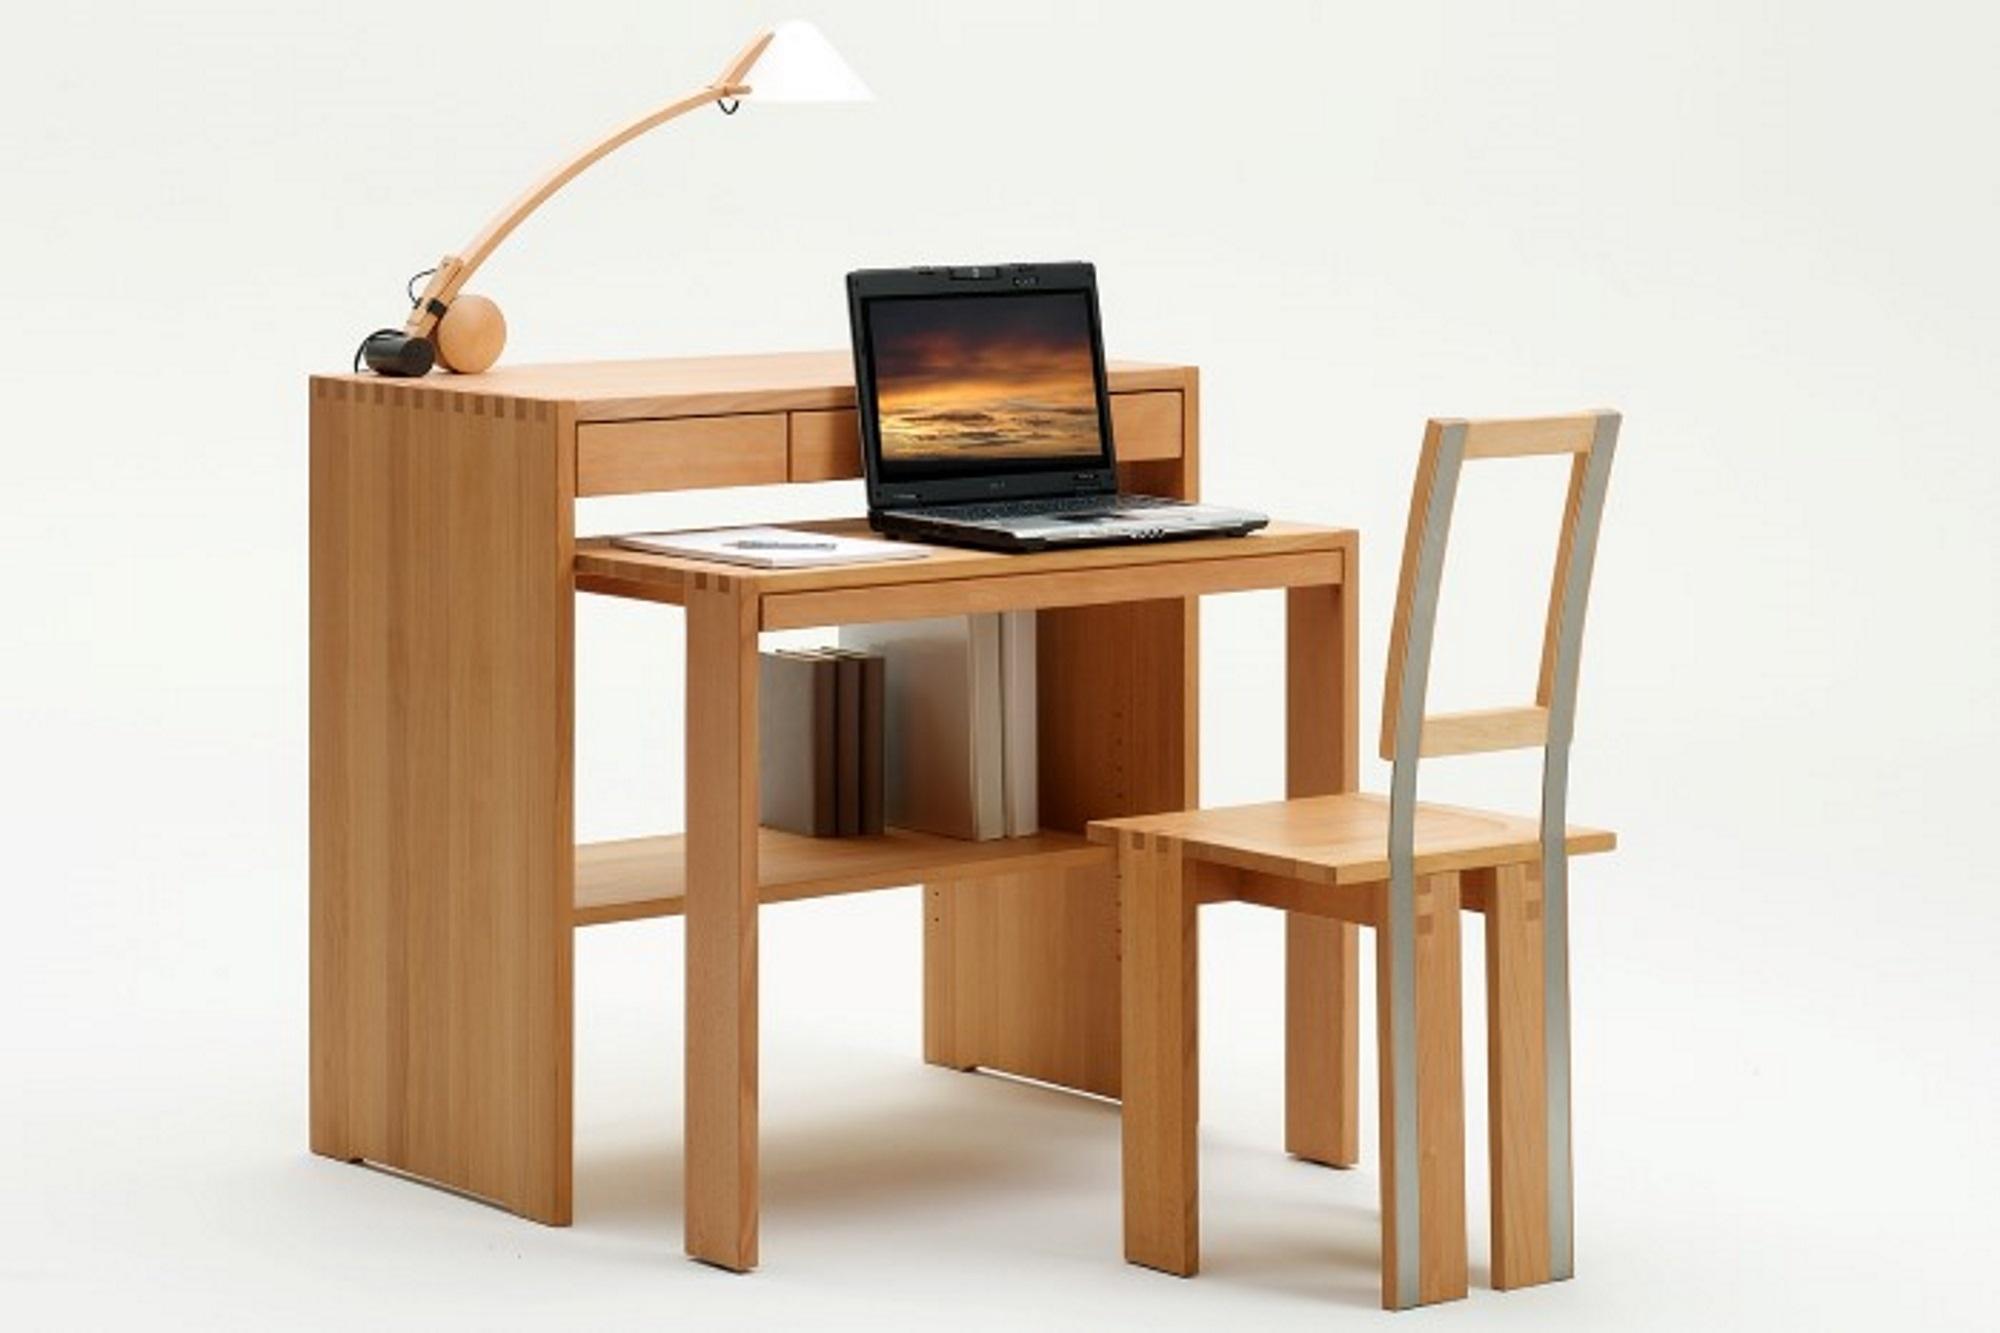 schreibtisch zen biom bel bonn. Black Bedroom Furniture Sets. Home Design Ideas